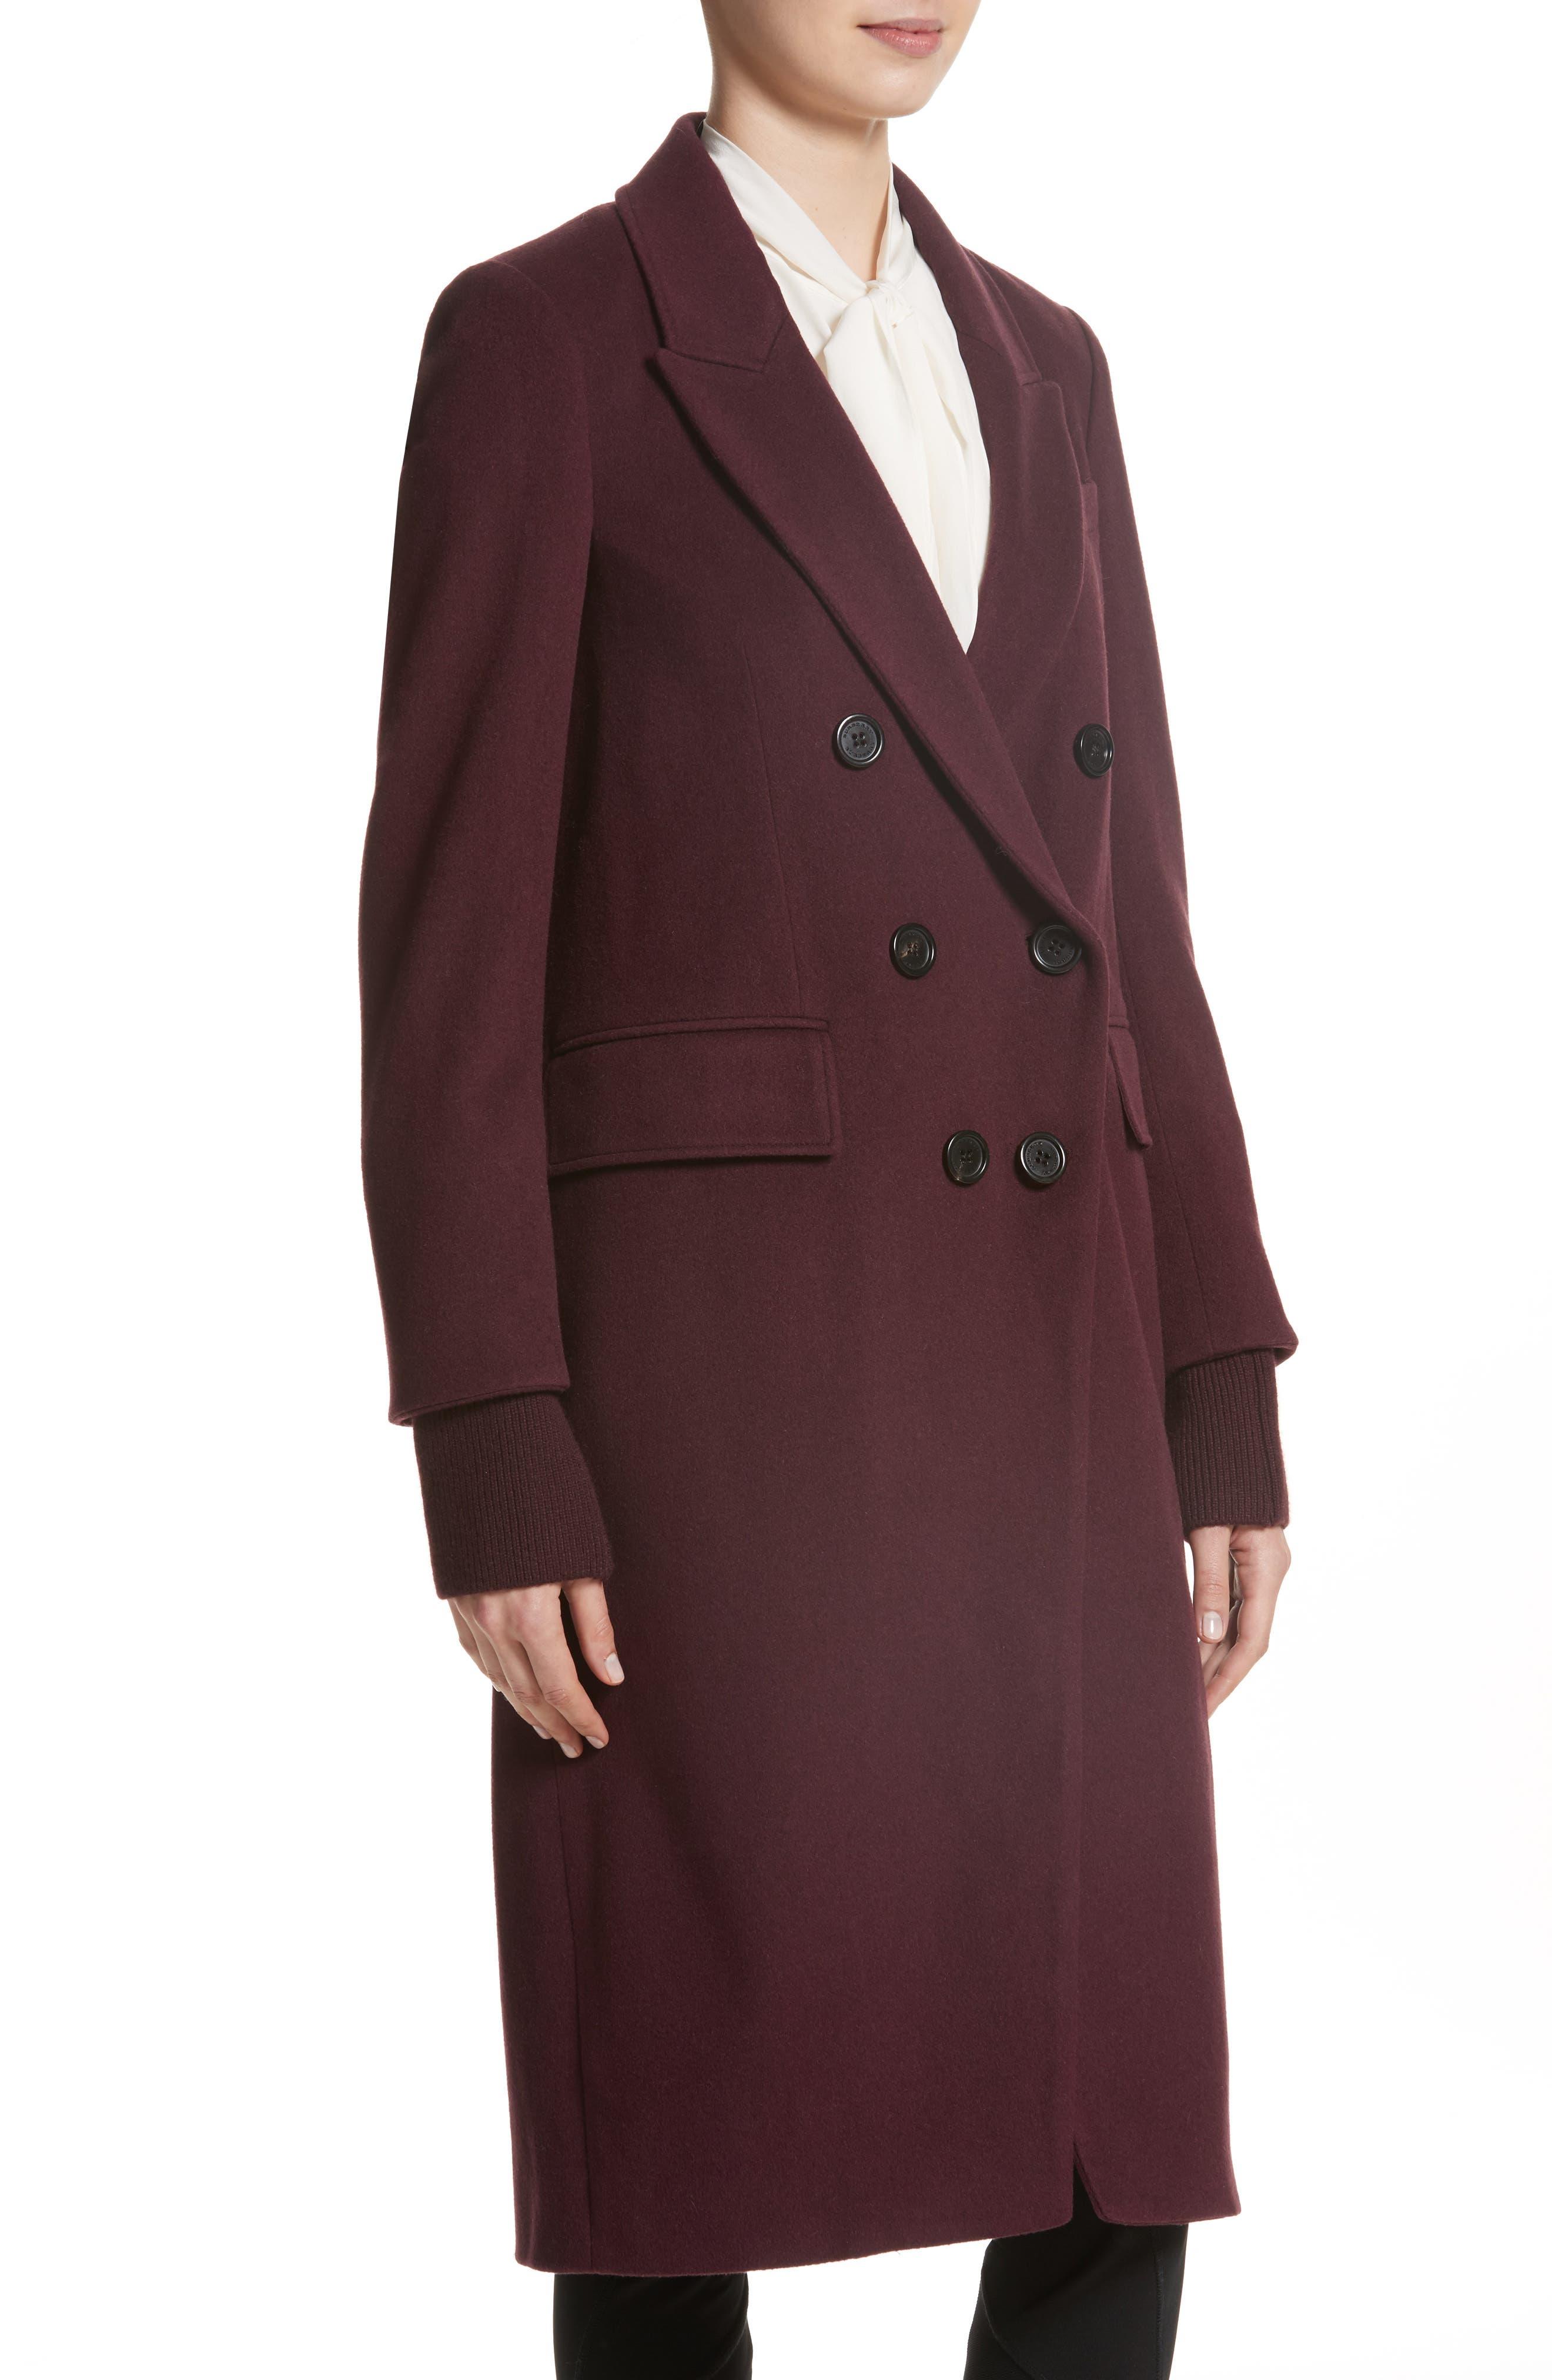 Cairndale Knit Trim Cashmere Coat,                             Alternate thumbnail 4, color,                             522